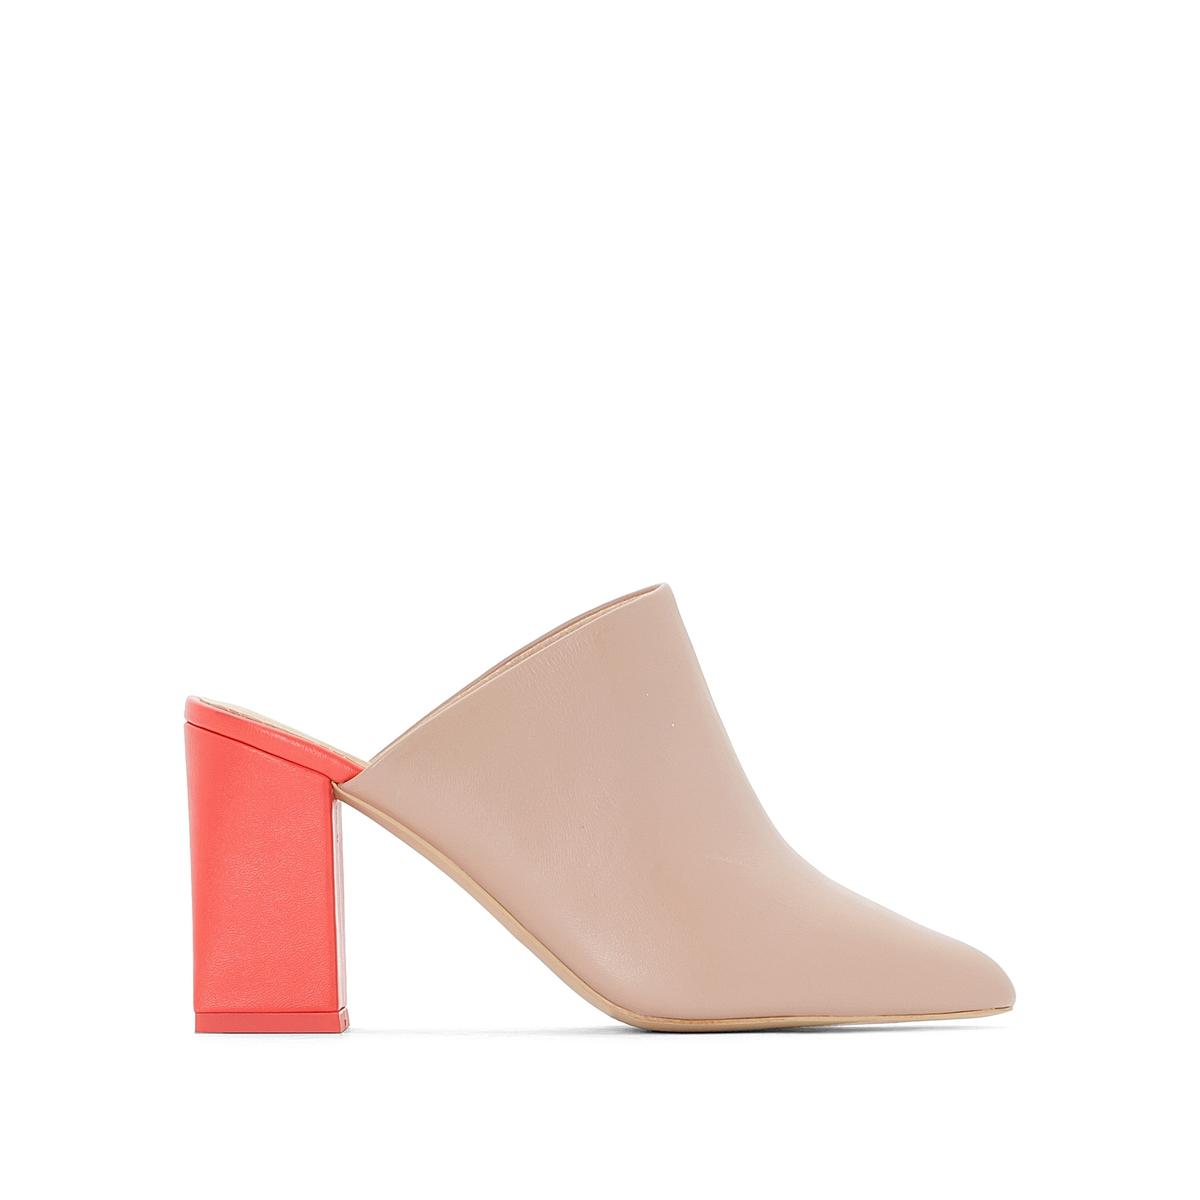 Туфли без задника кожаные на высоком каблуке туфли napoleoni туфли на среднем каблуке